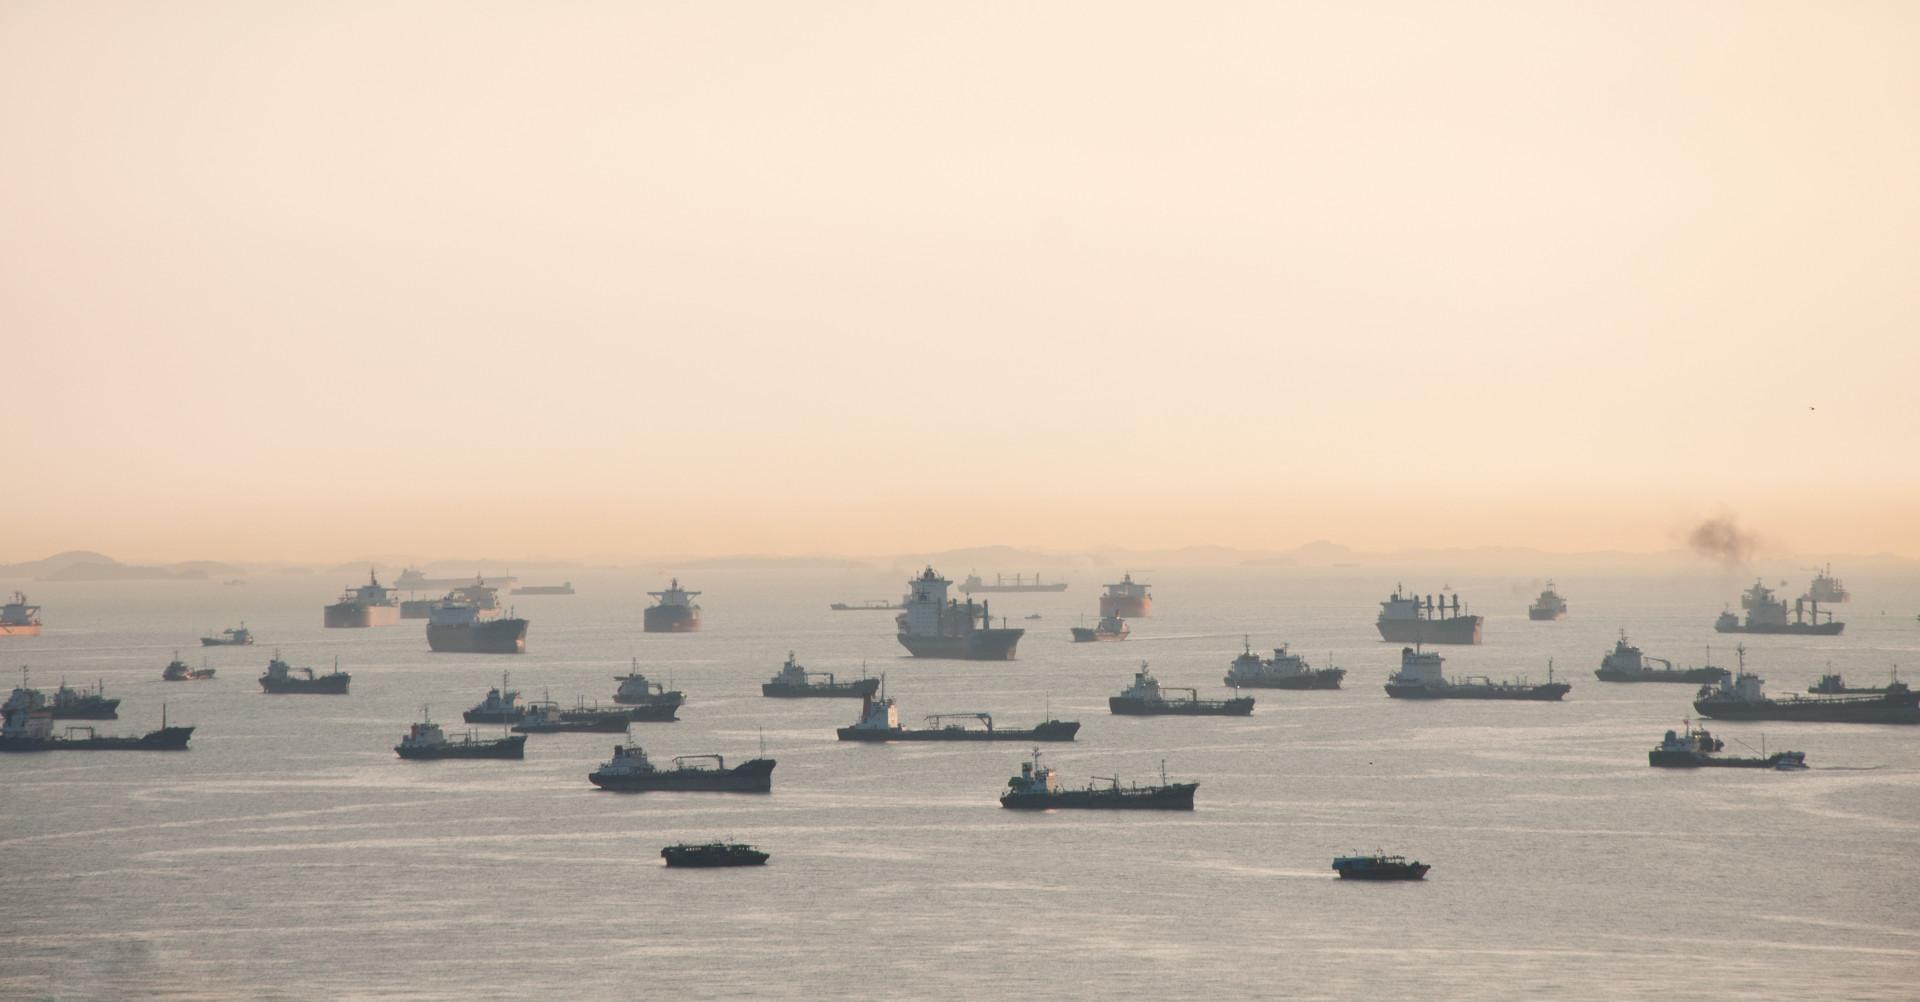 O mistério dos navios abandonados que aparecem em Singapura